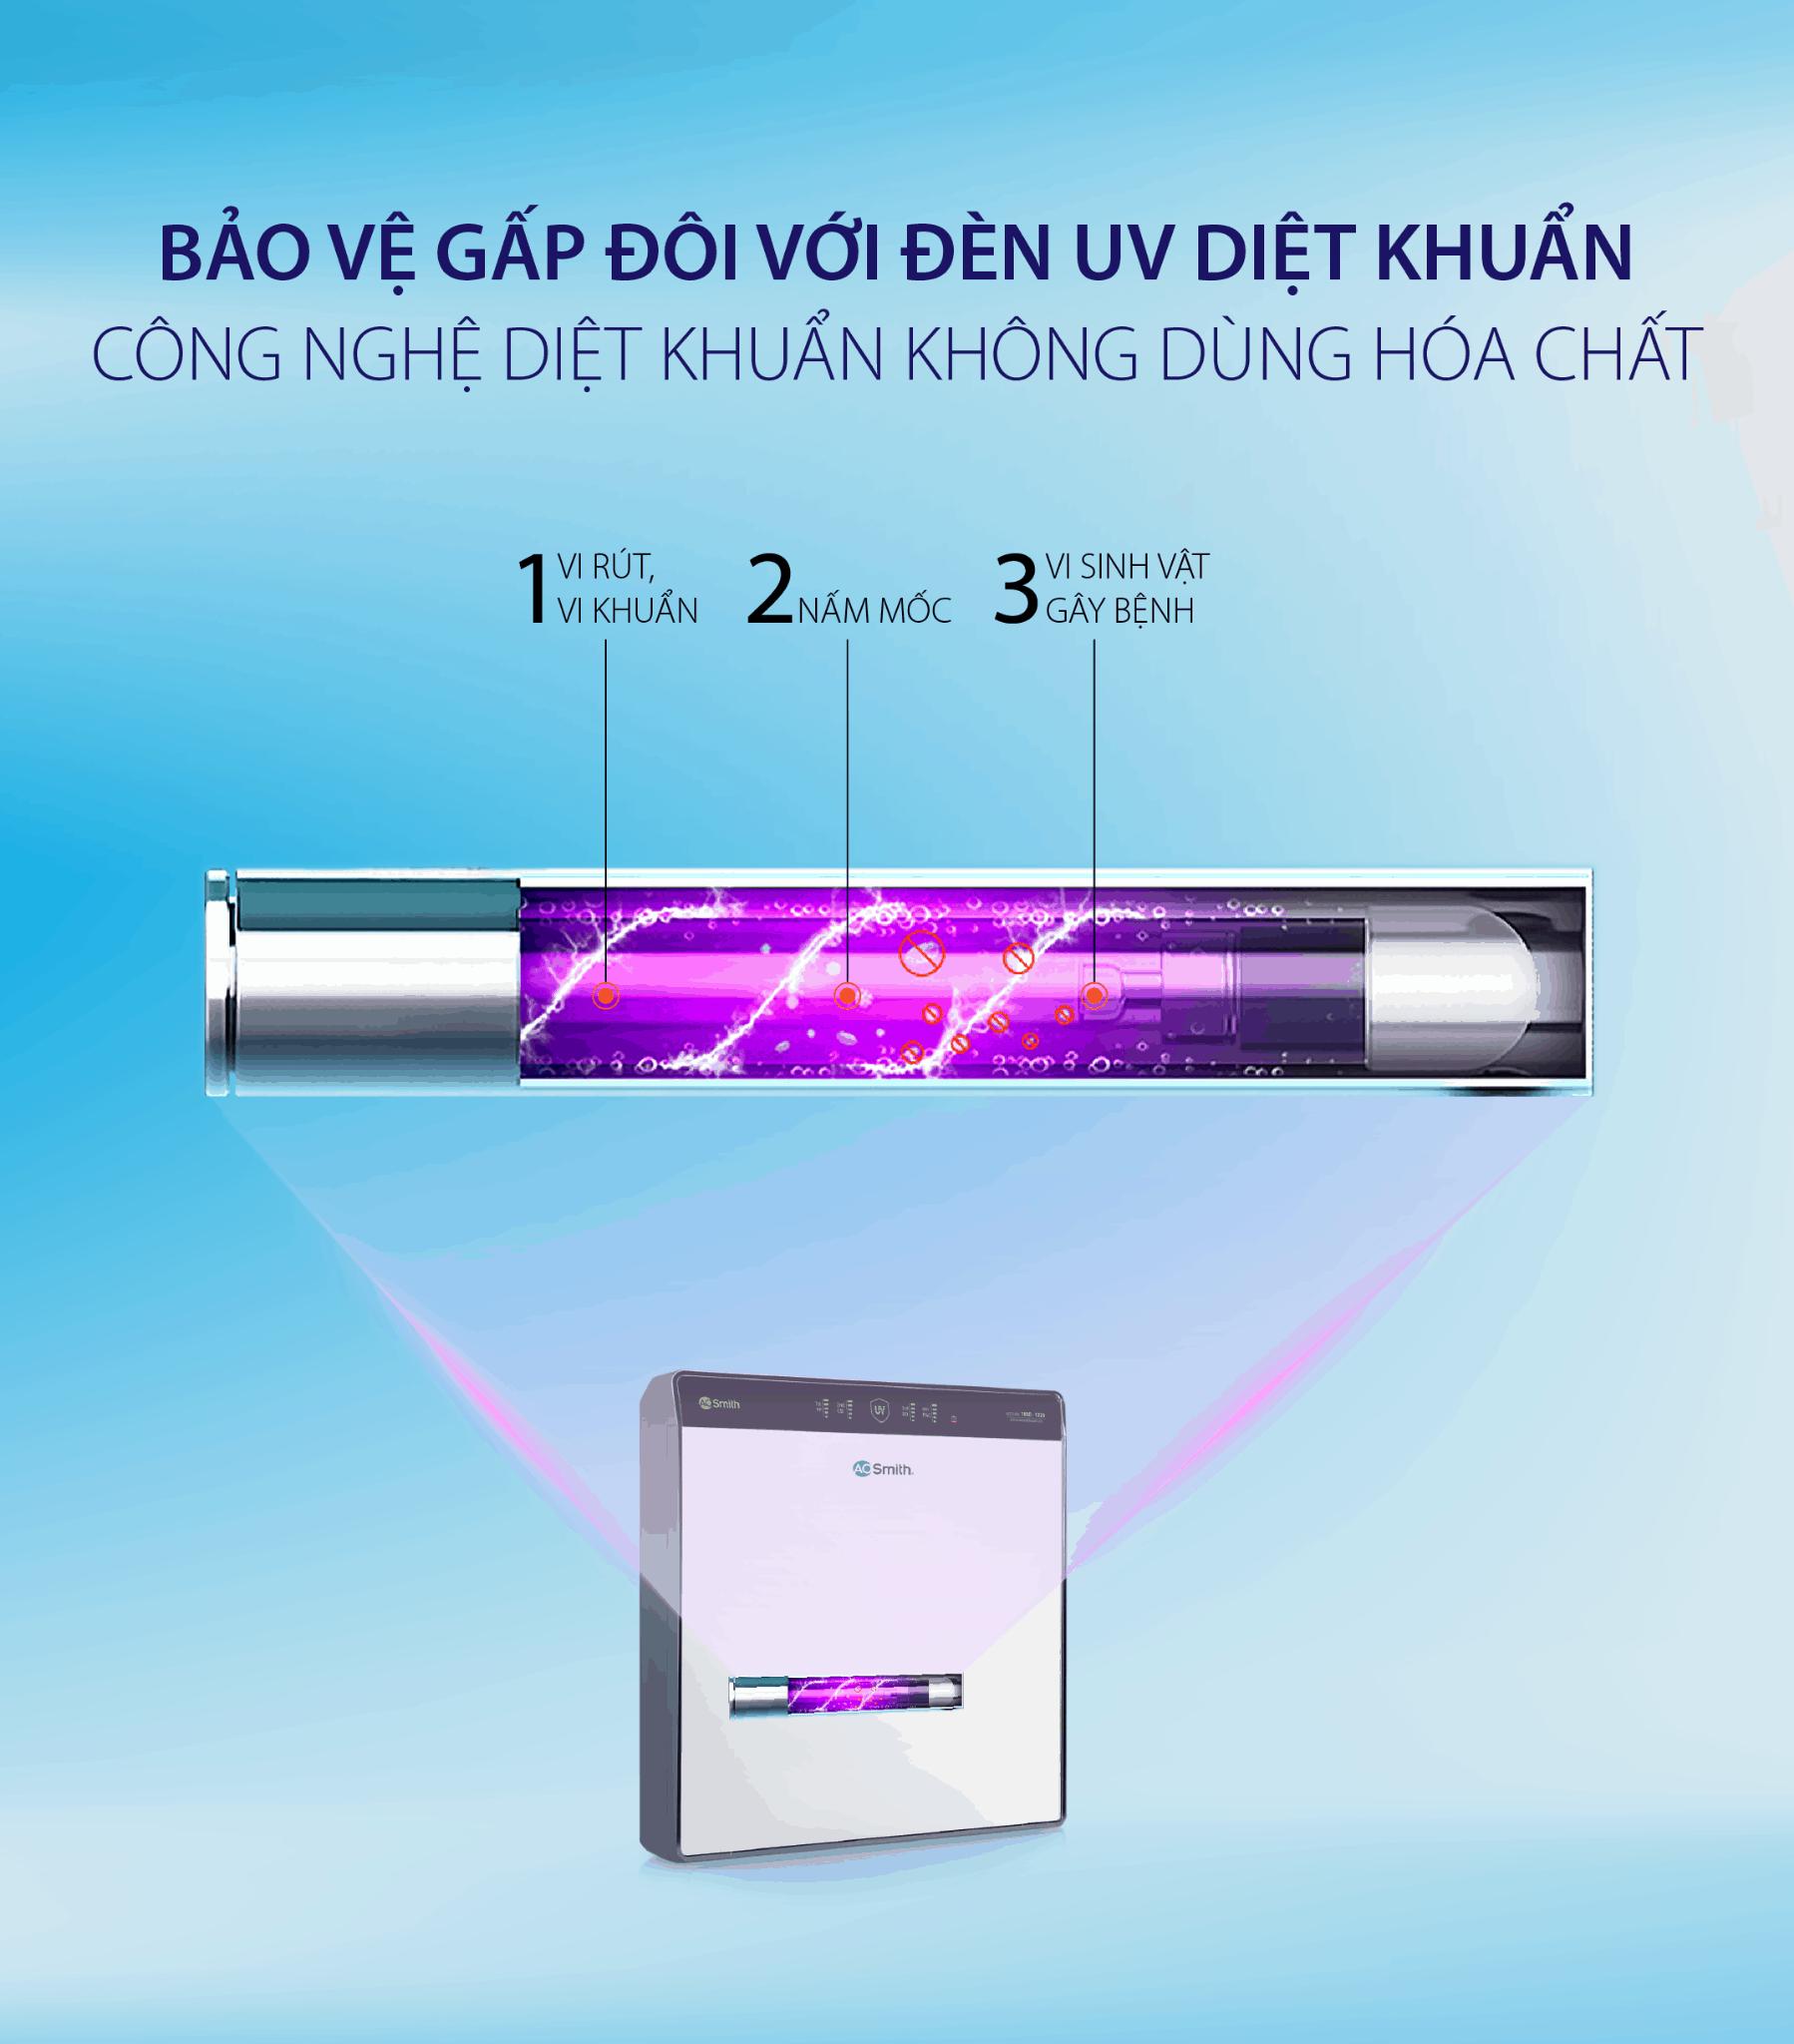 đèn UV giúp loại bỏ 99,99 vi khuẩn gây bệnh